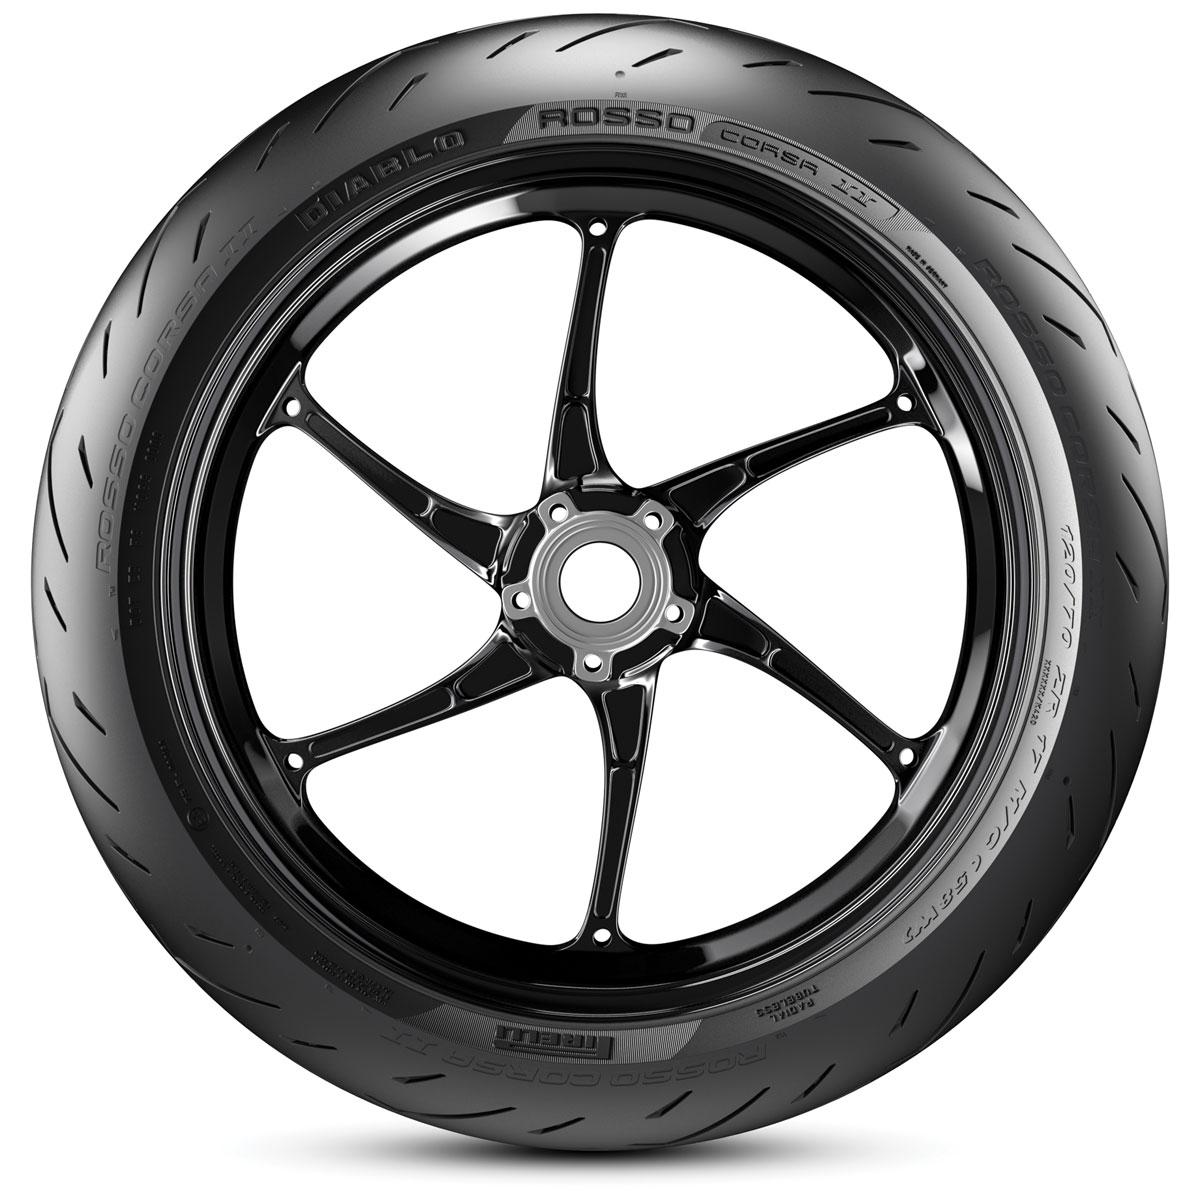 Pirelli Diablo Rosso Corsa Official Video [1080P HD] - YouTube